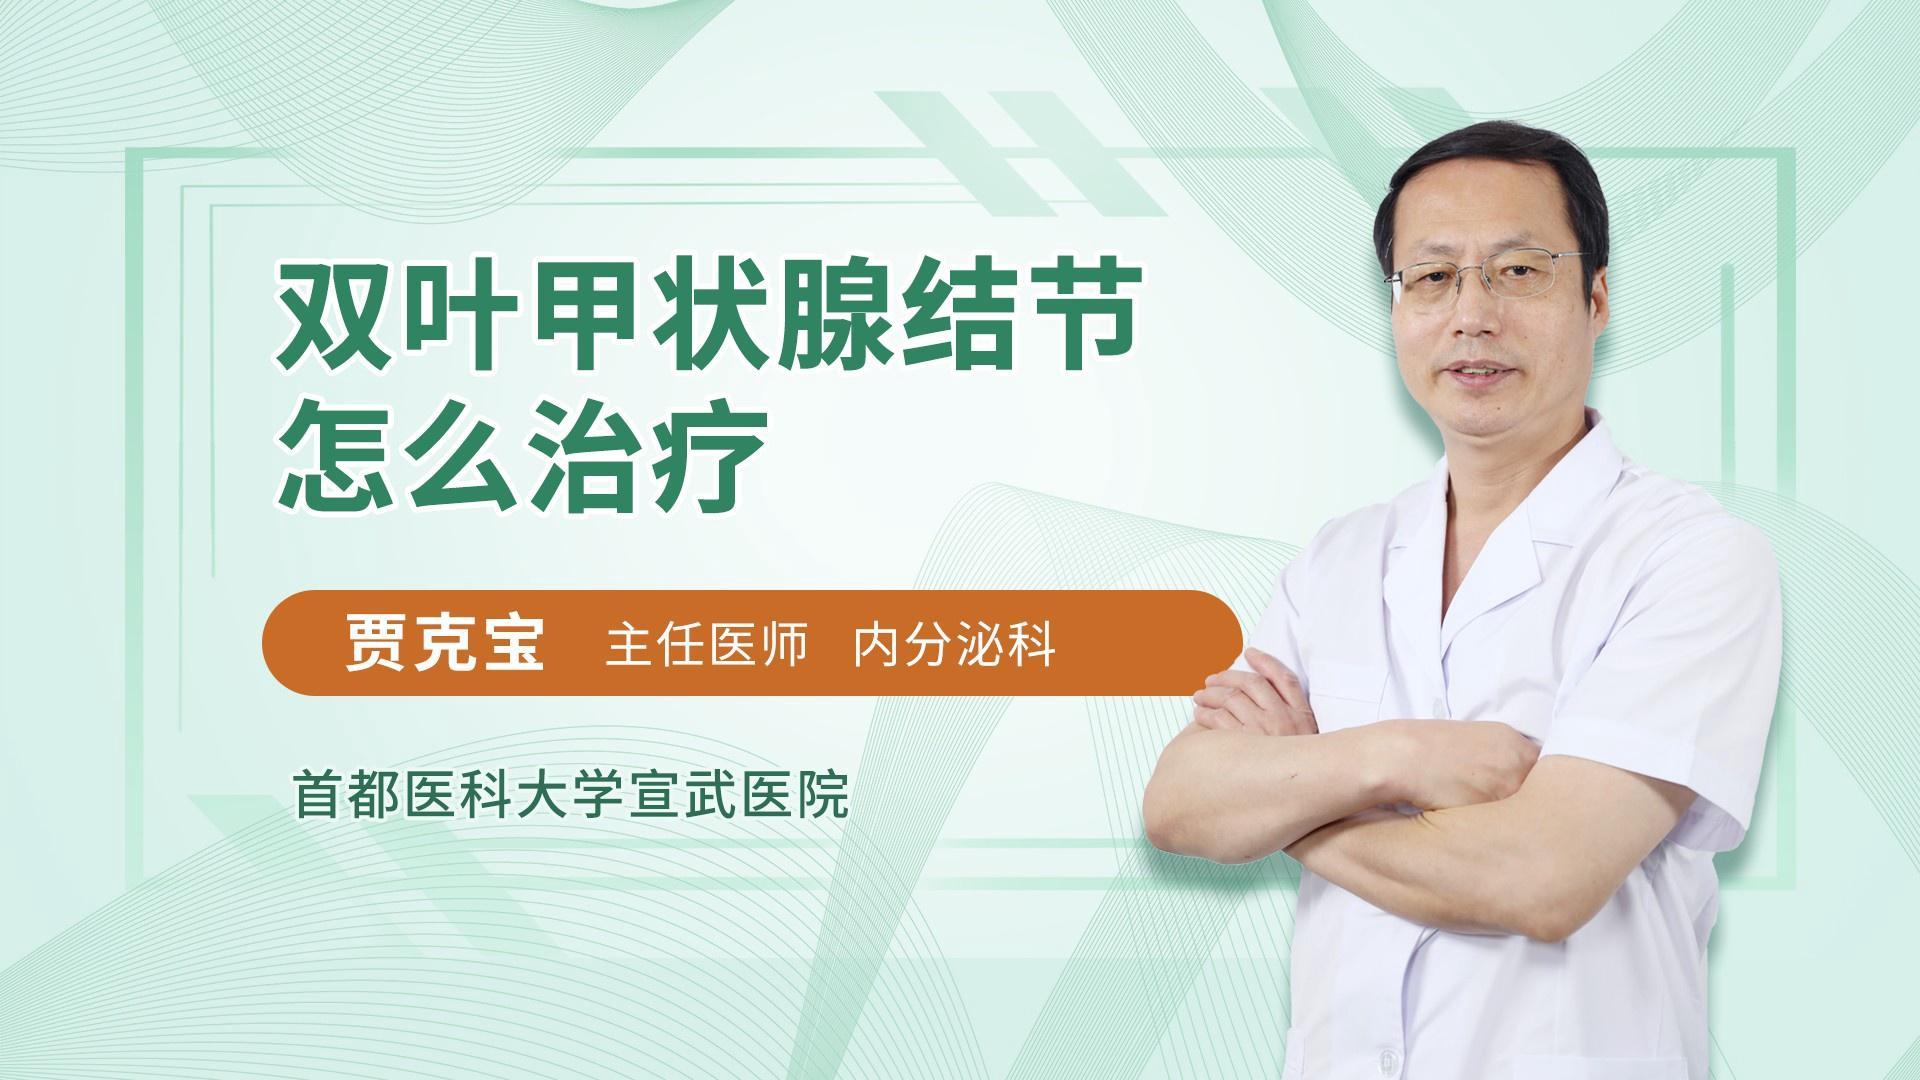 双叶甲状腺结节怎么治疗